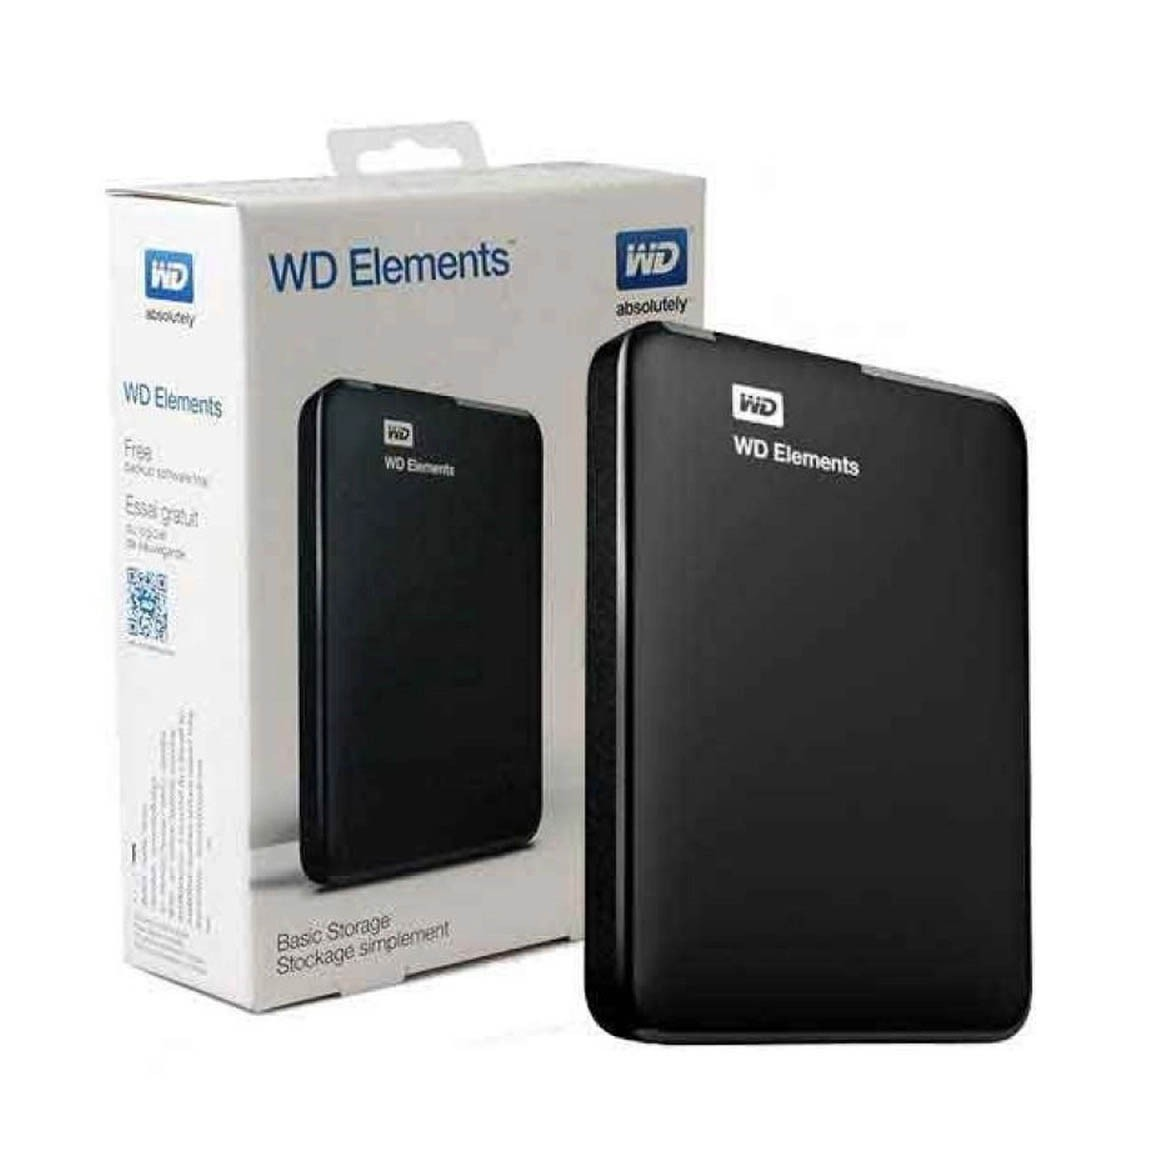 HD Externo 1TB Usb 3.0 Portatil Wd Elements Preto - WDBUZG0010BBK